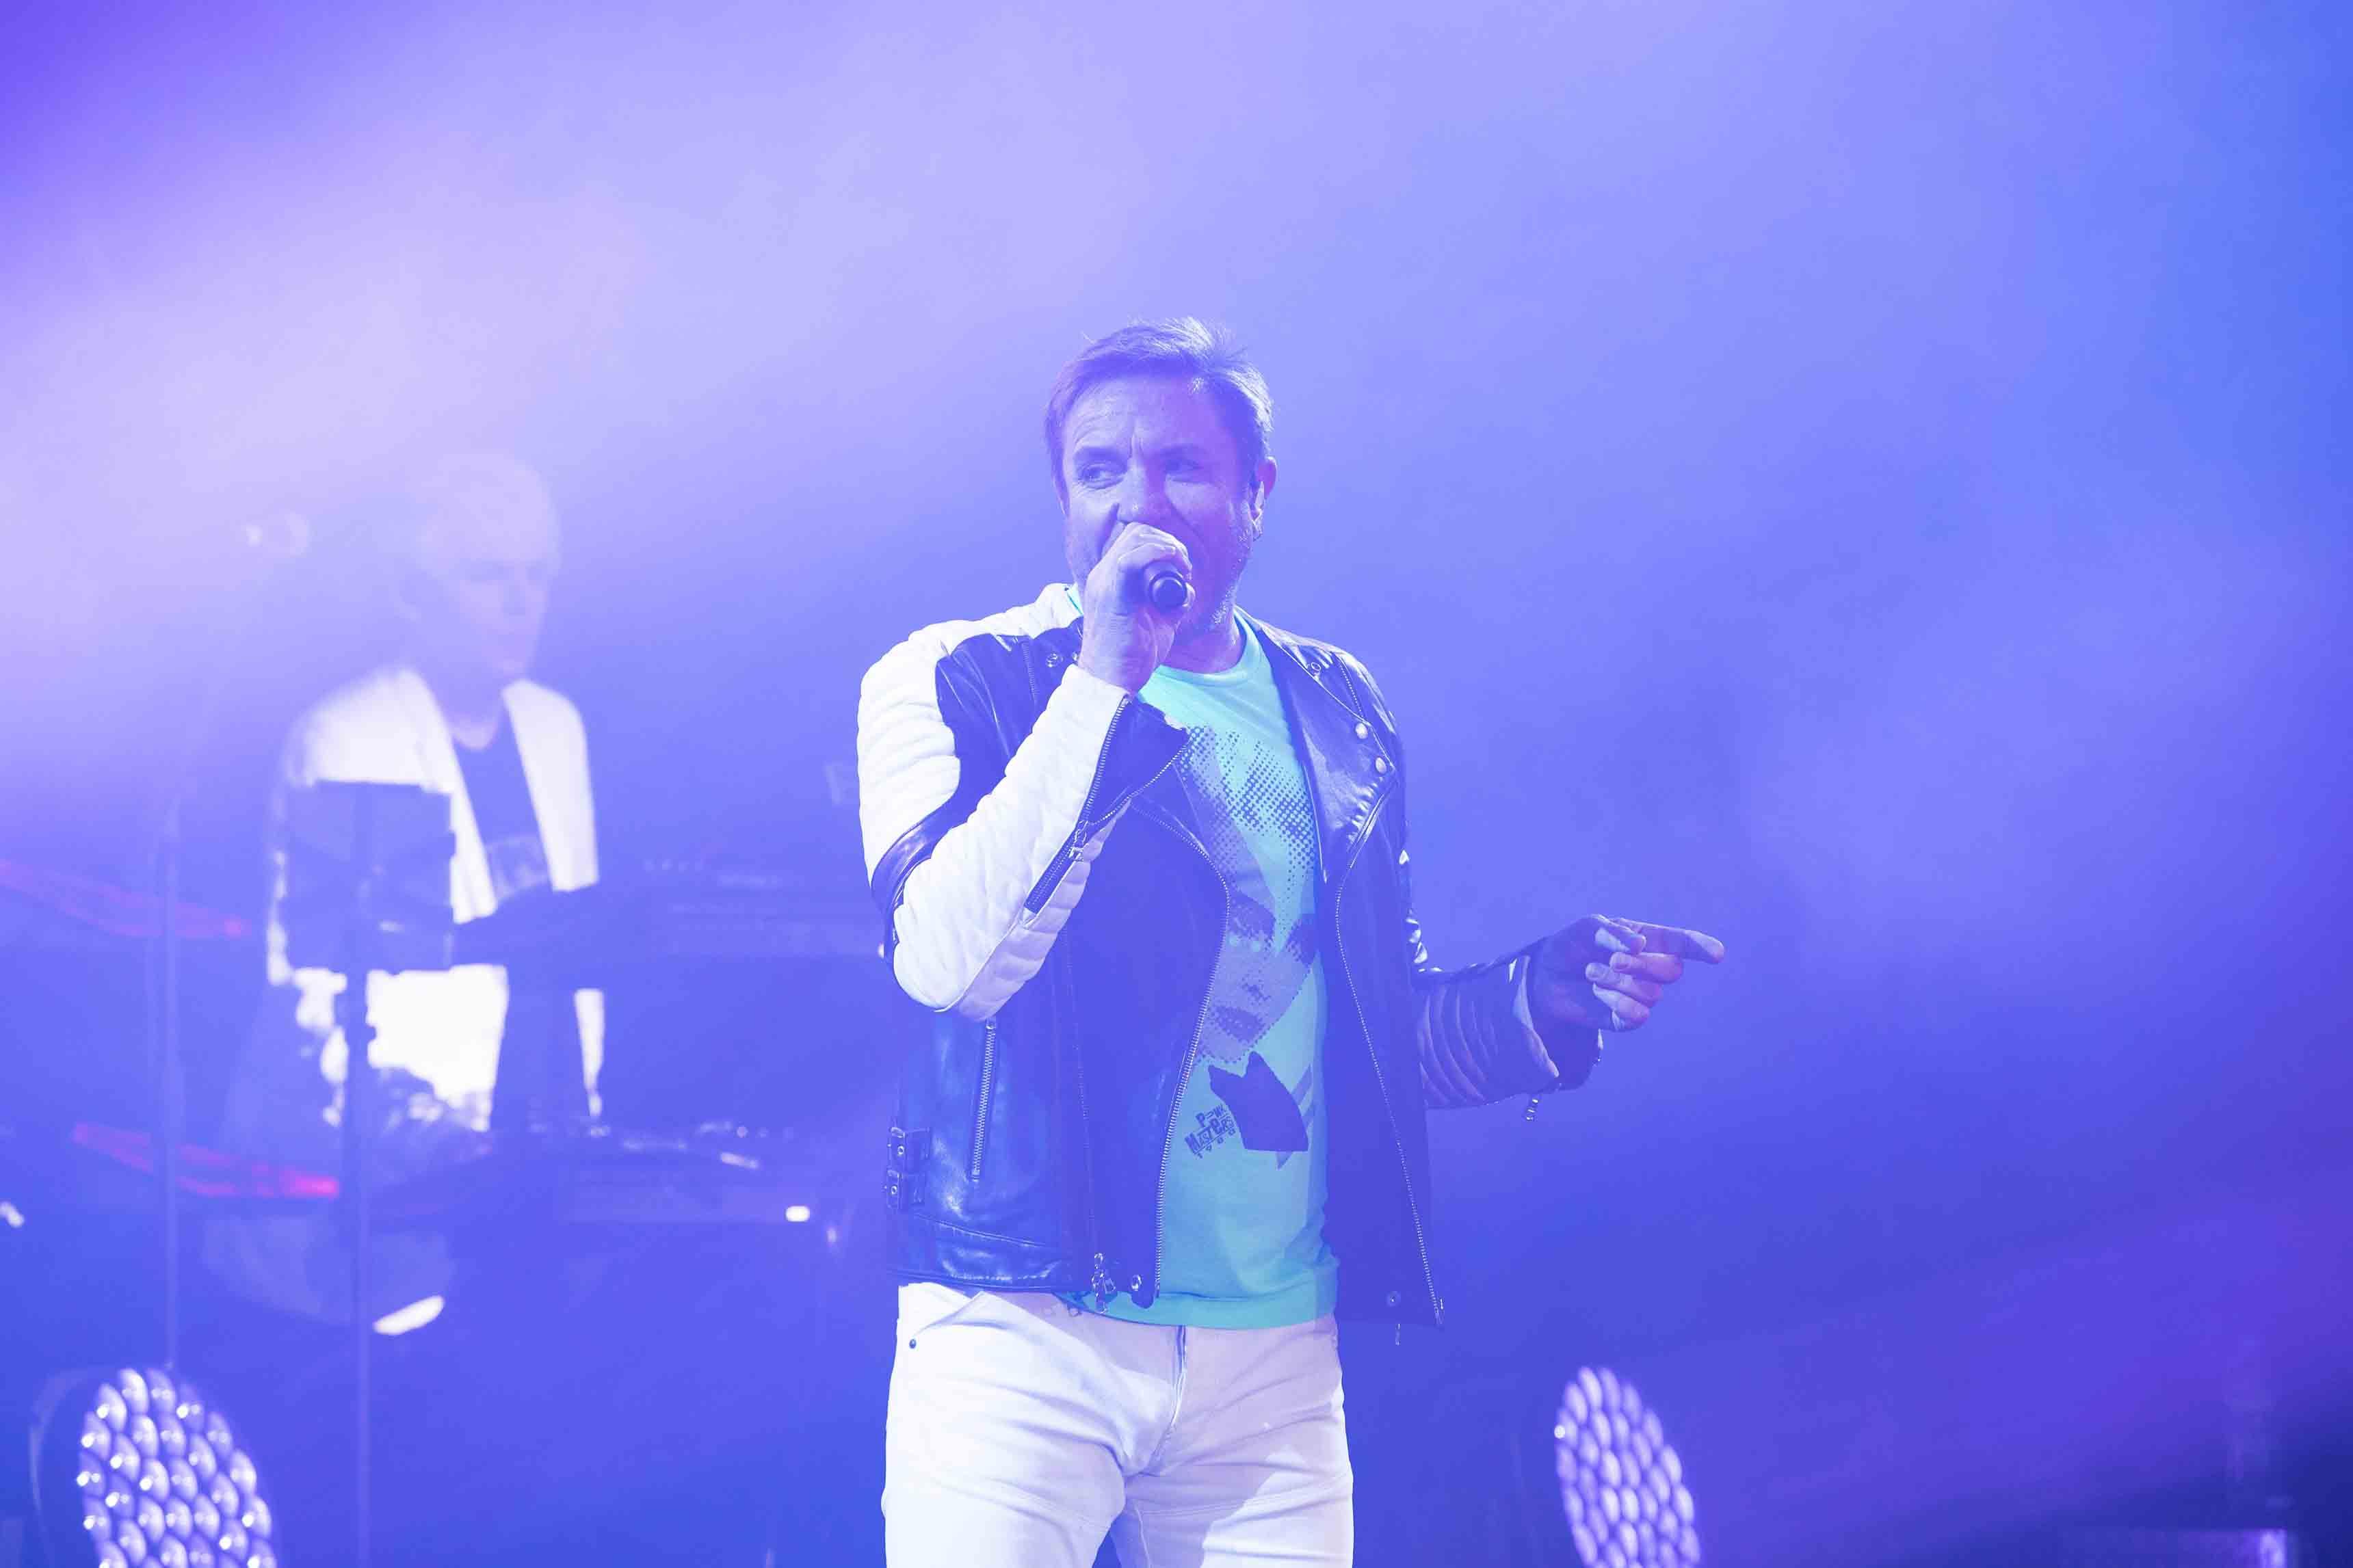 Simon Le Bon, chanteur du groupe Duran Duran